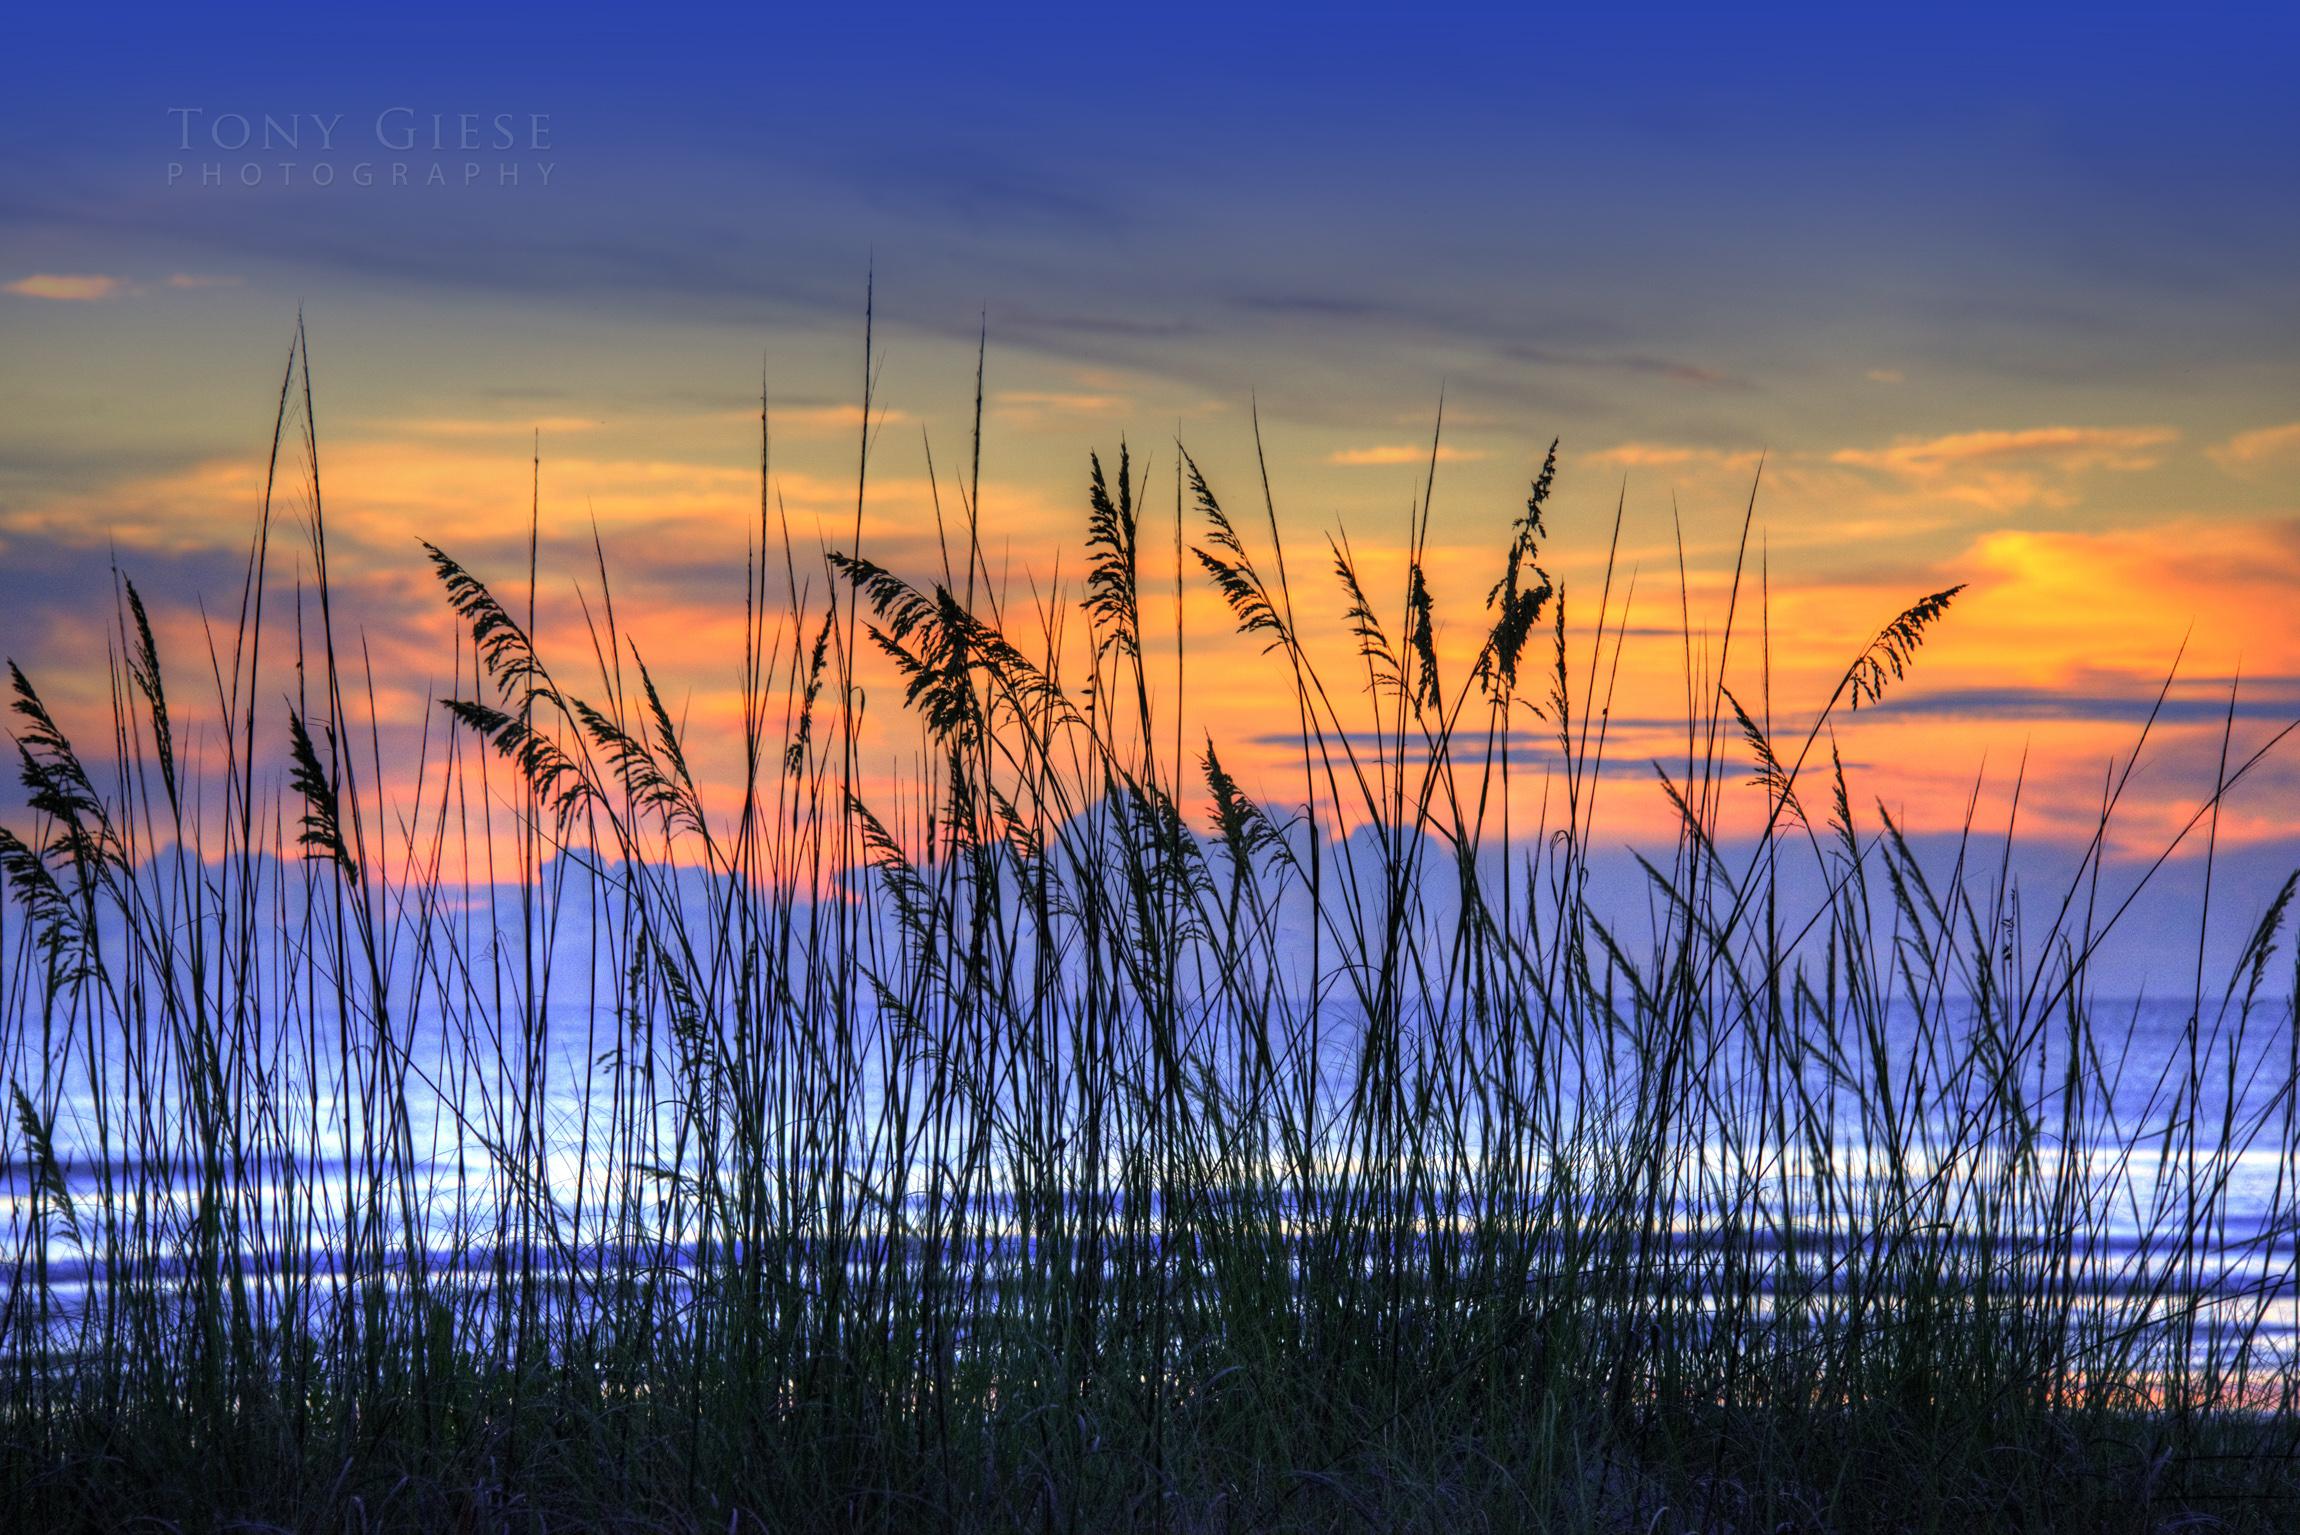 Photography Of New Smyrna Beach Tony